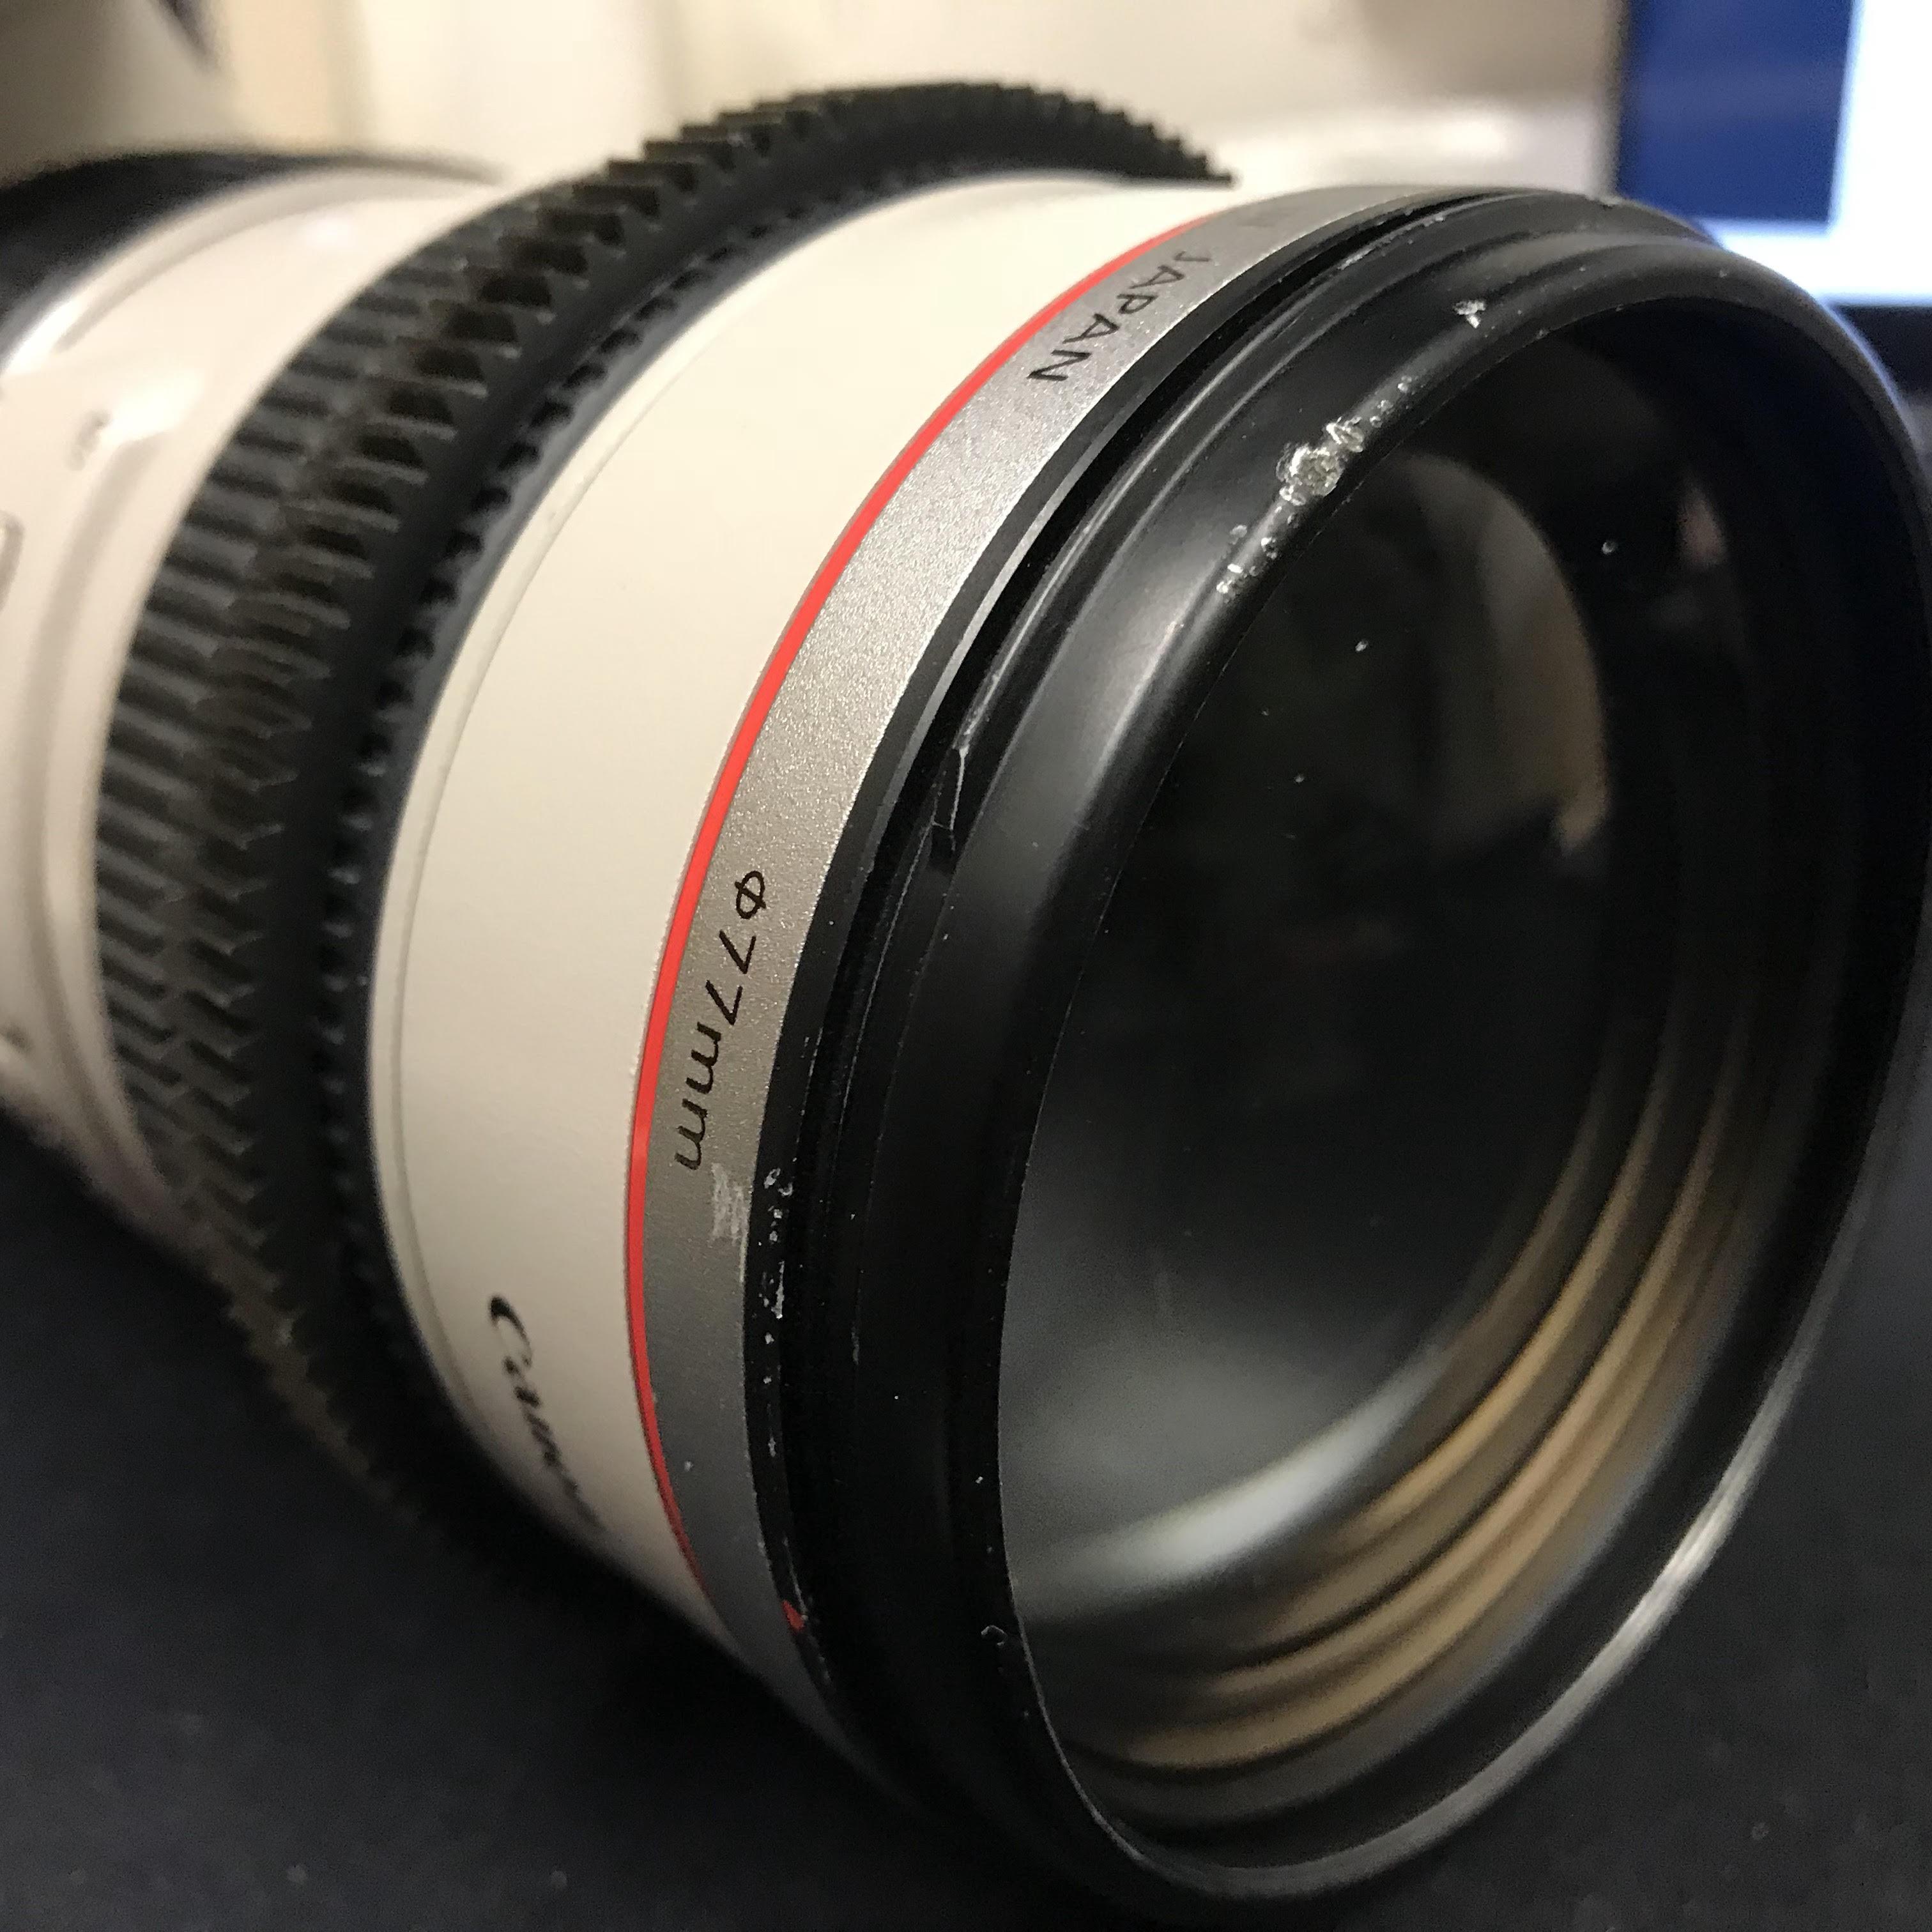 Damaged Canon 70 200mm image